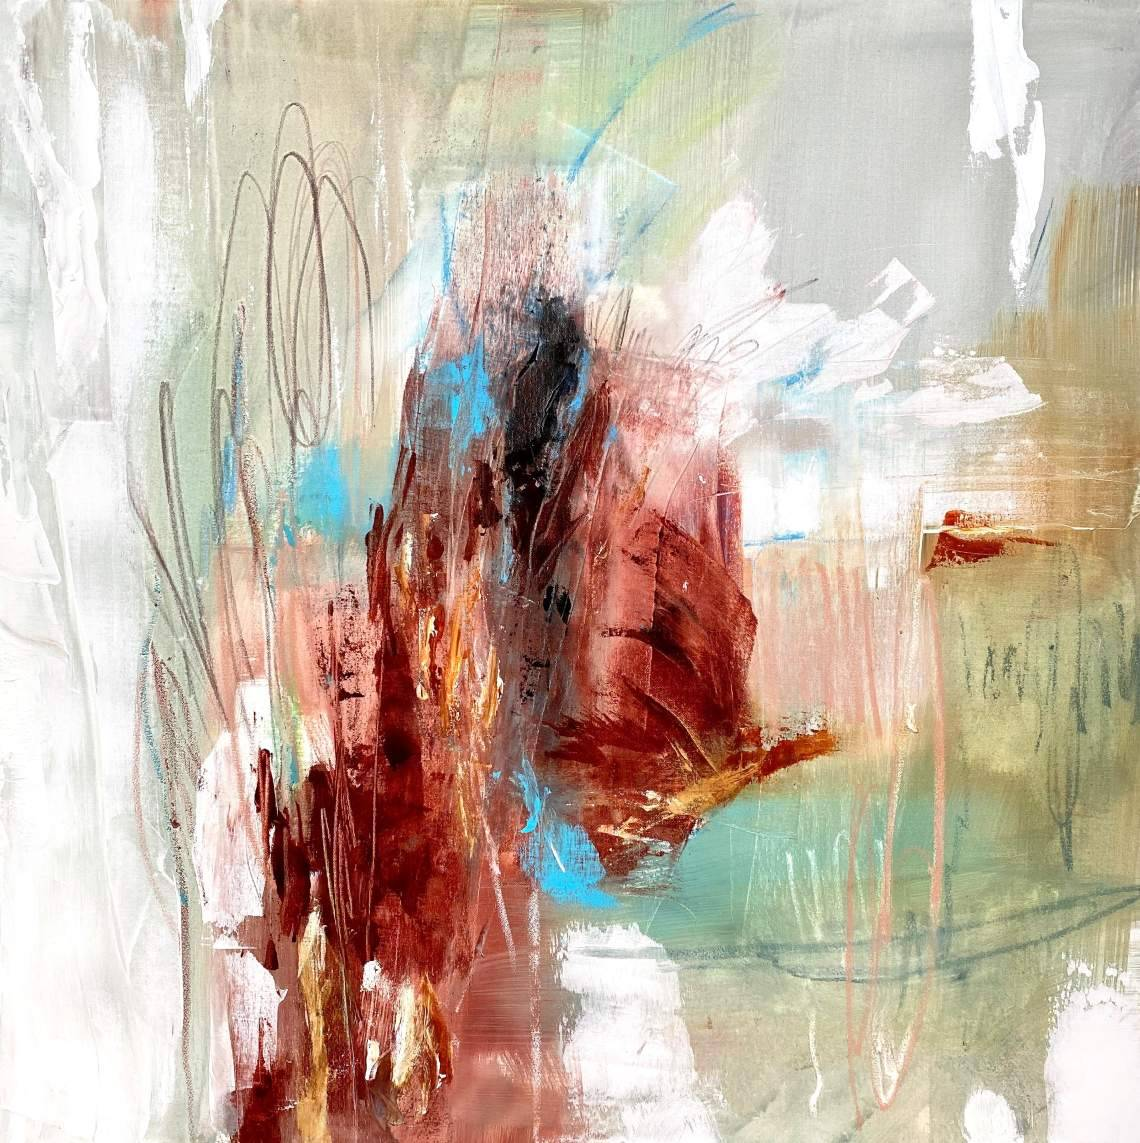 Silence /3 あなたの作品が壁にかかっているイメージ